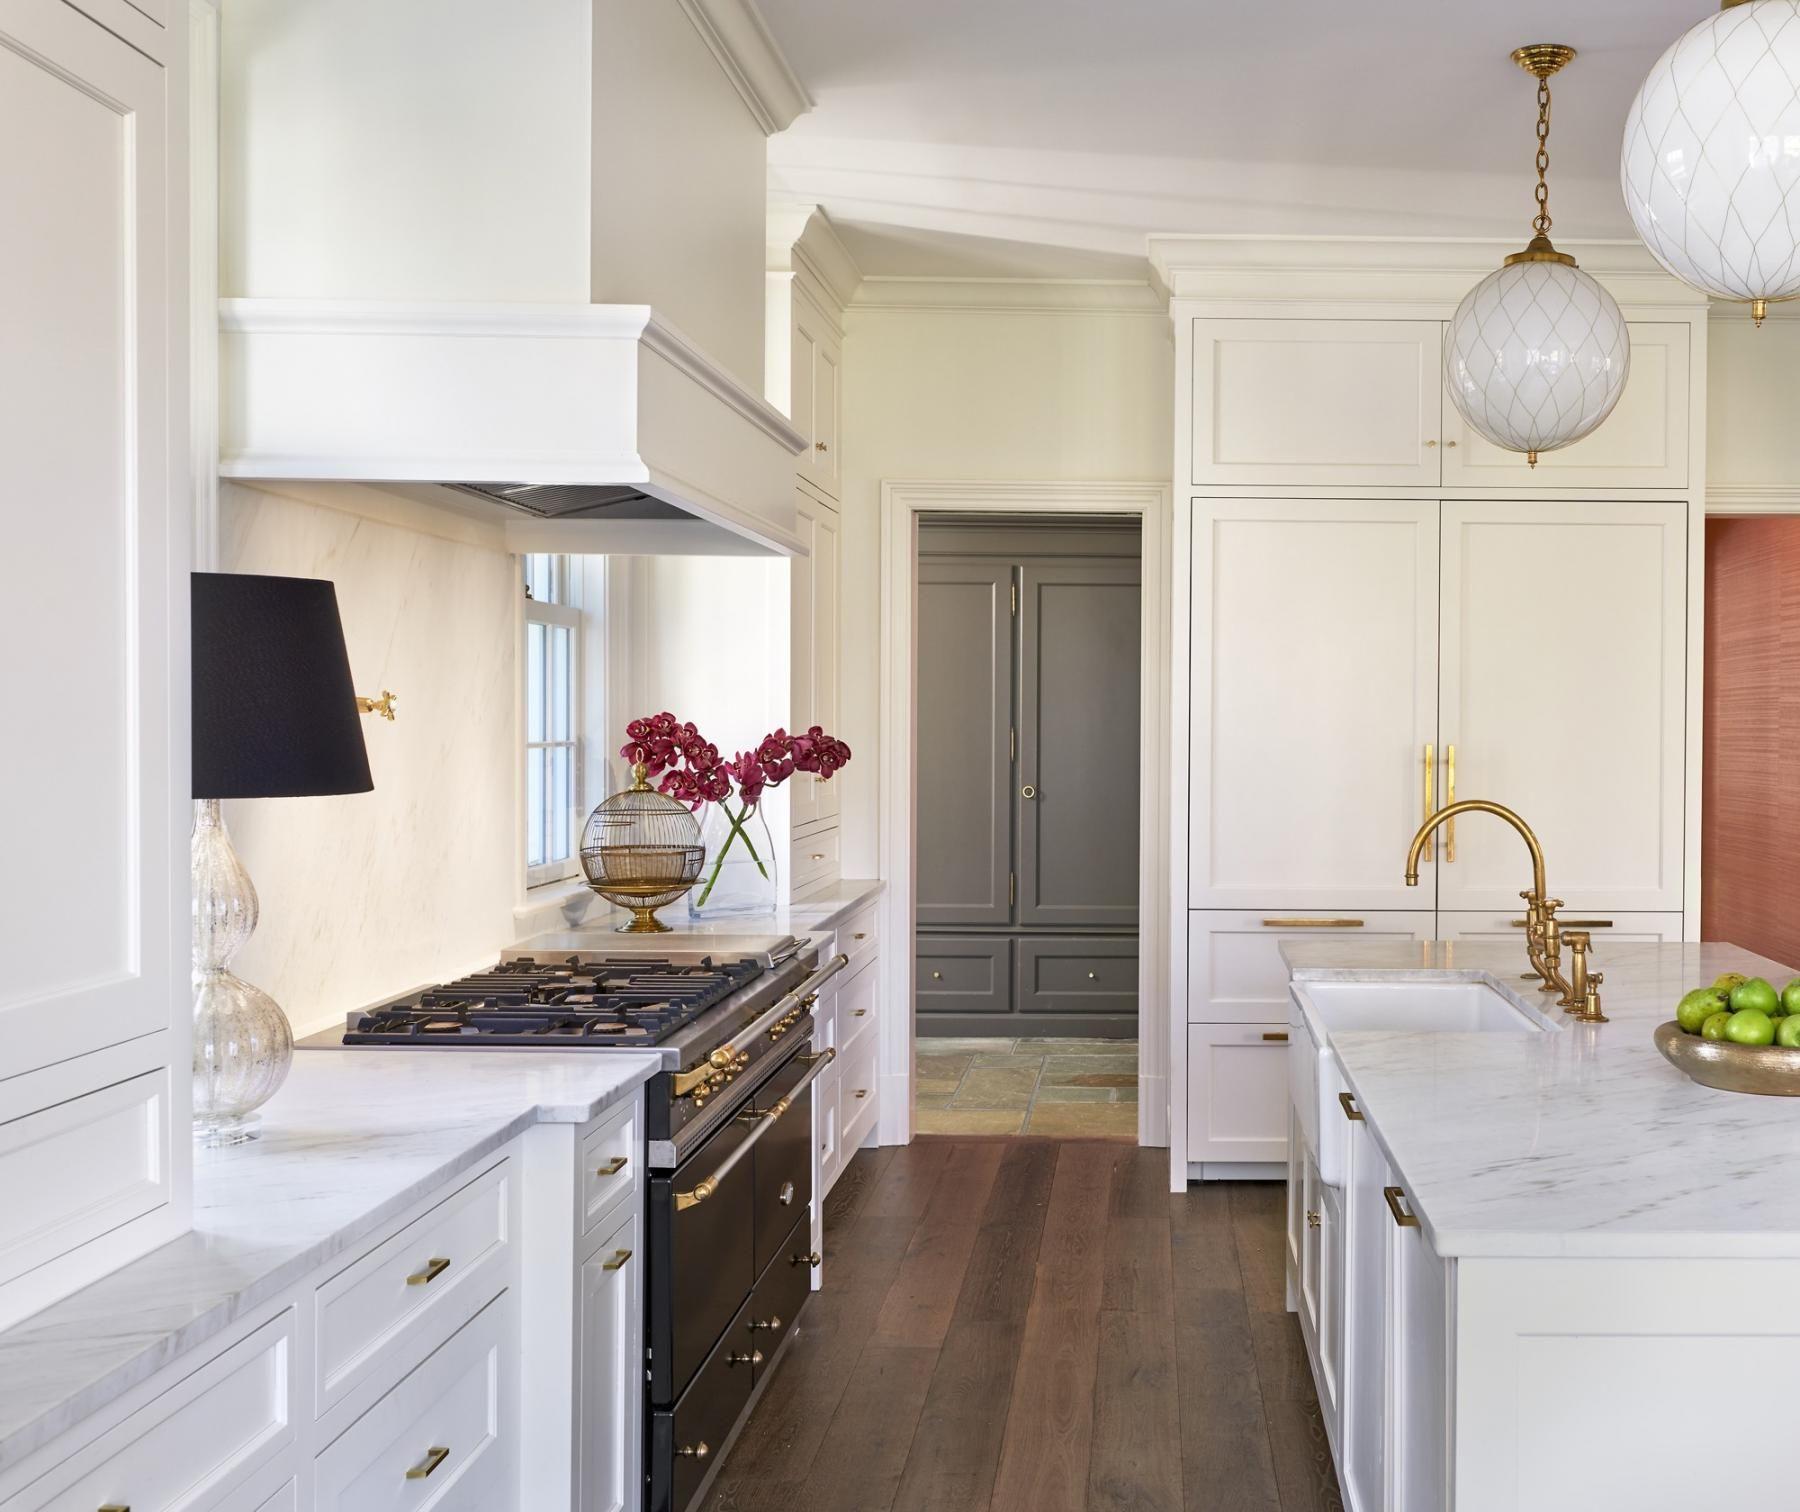 Kitchen Design Kent: Anne Decker Architects